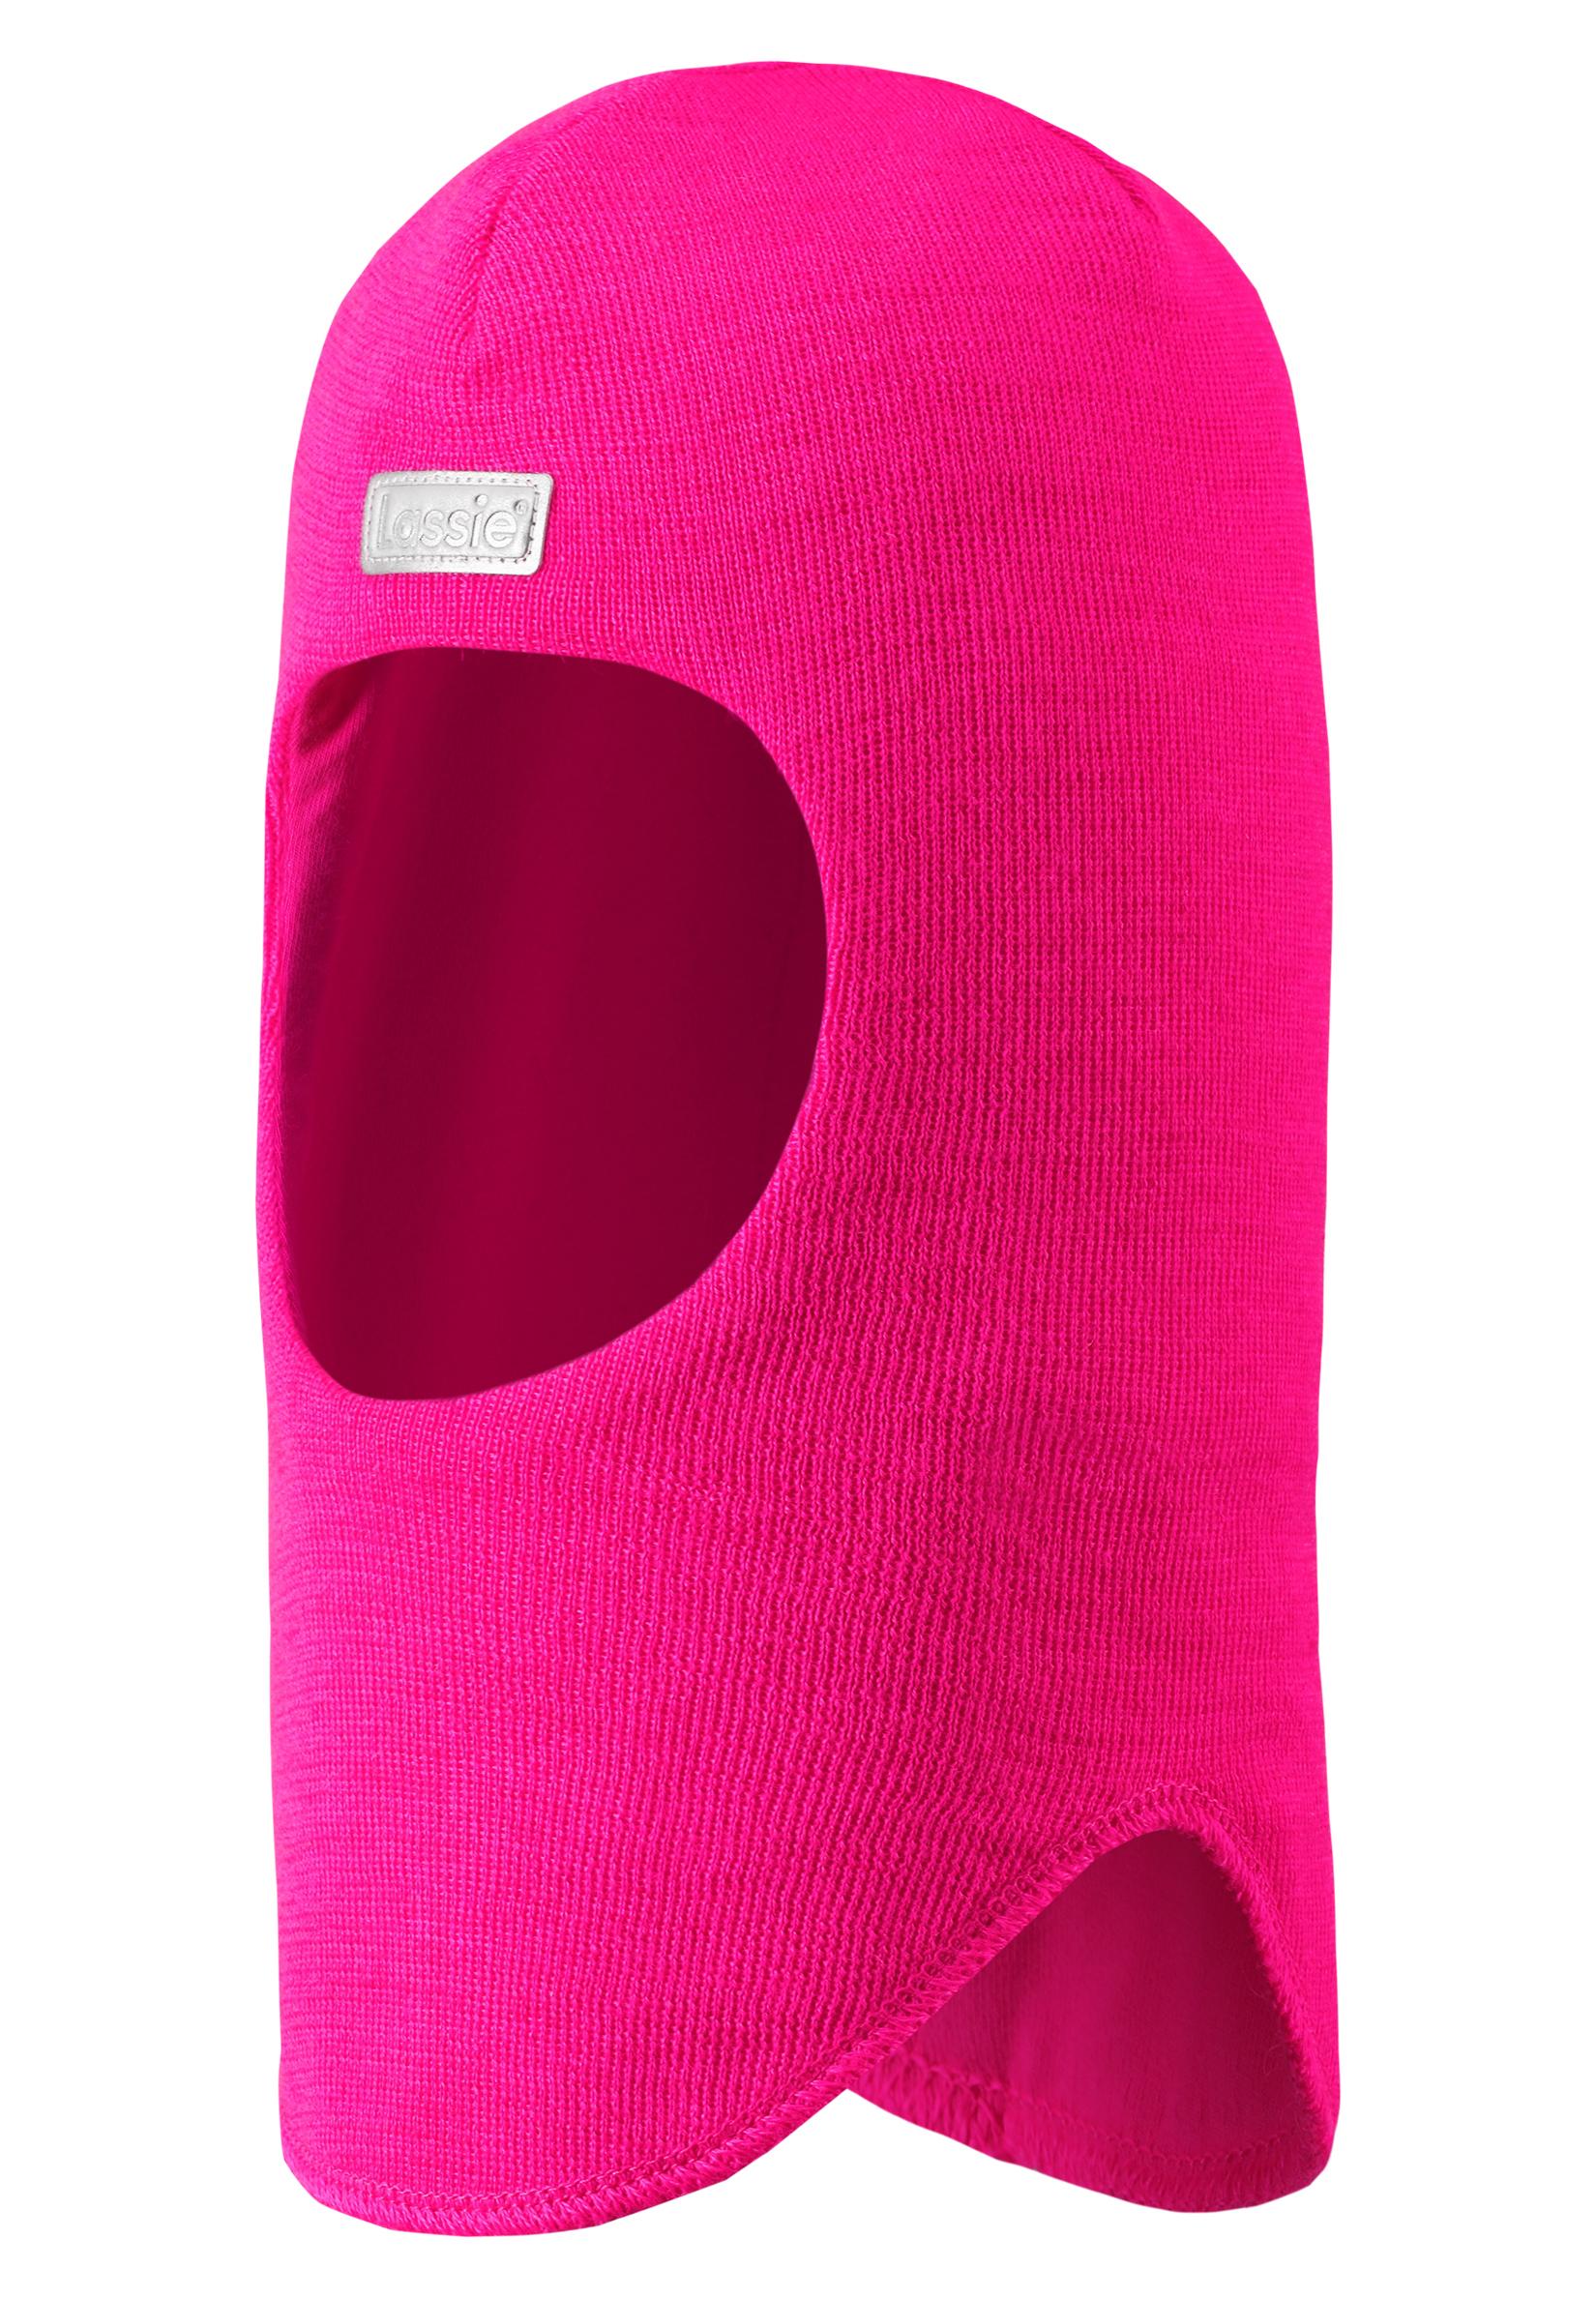 Купить со скидкой Шапка-шлем для девочки Lassie, розовая